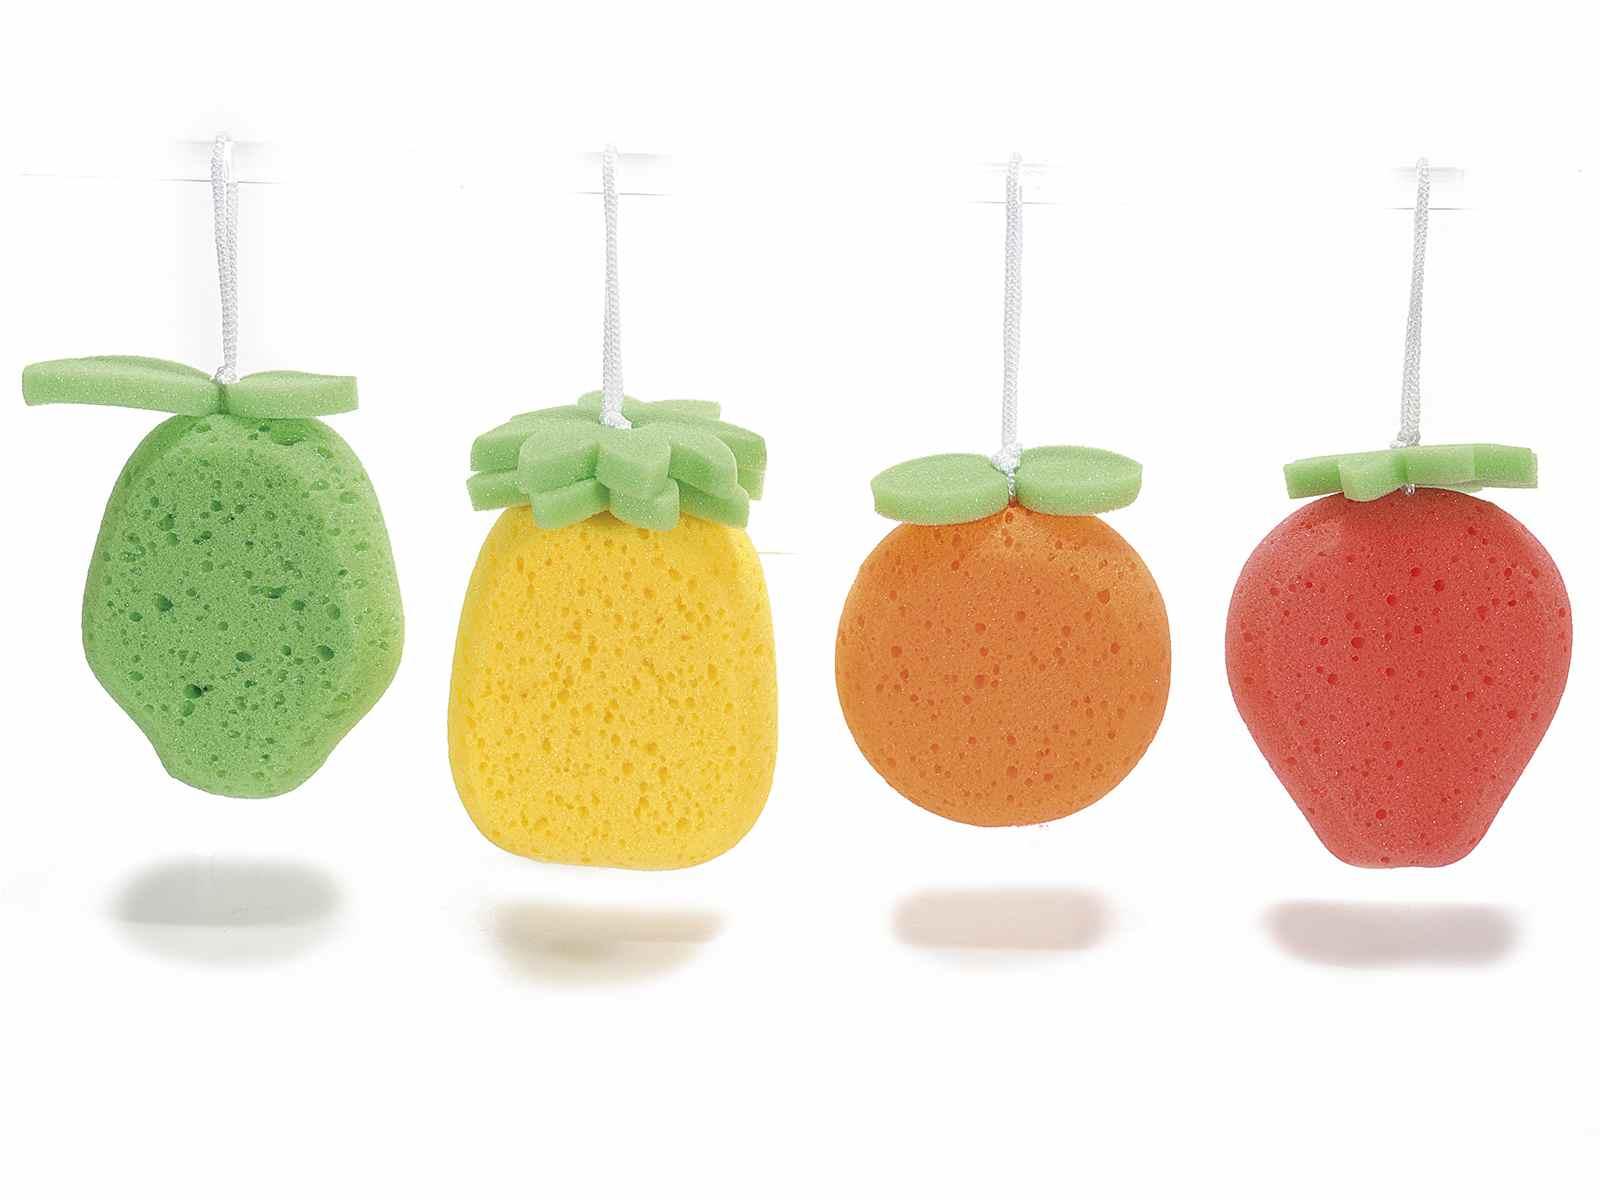 spugne da bagno a forma di frutta con cordino misure cm 99 x 9 x 135 h con cordino 19 h materiale spugna a950311